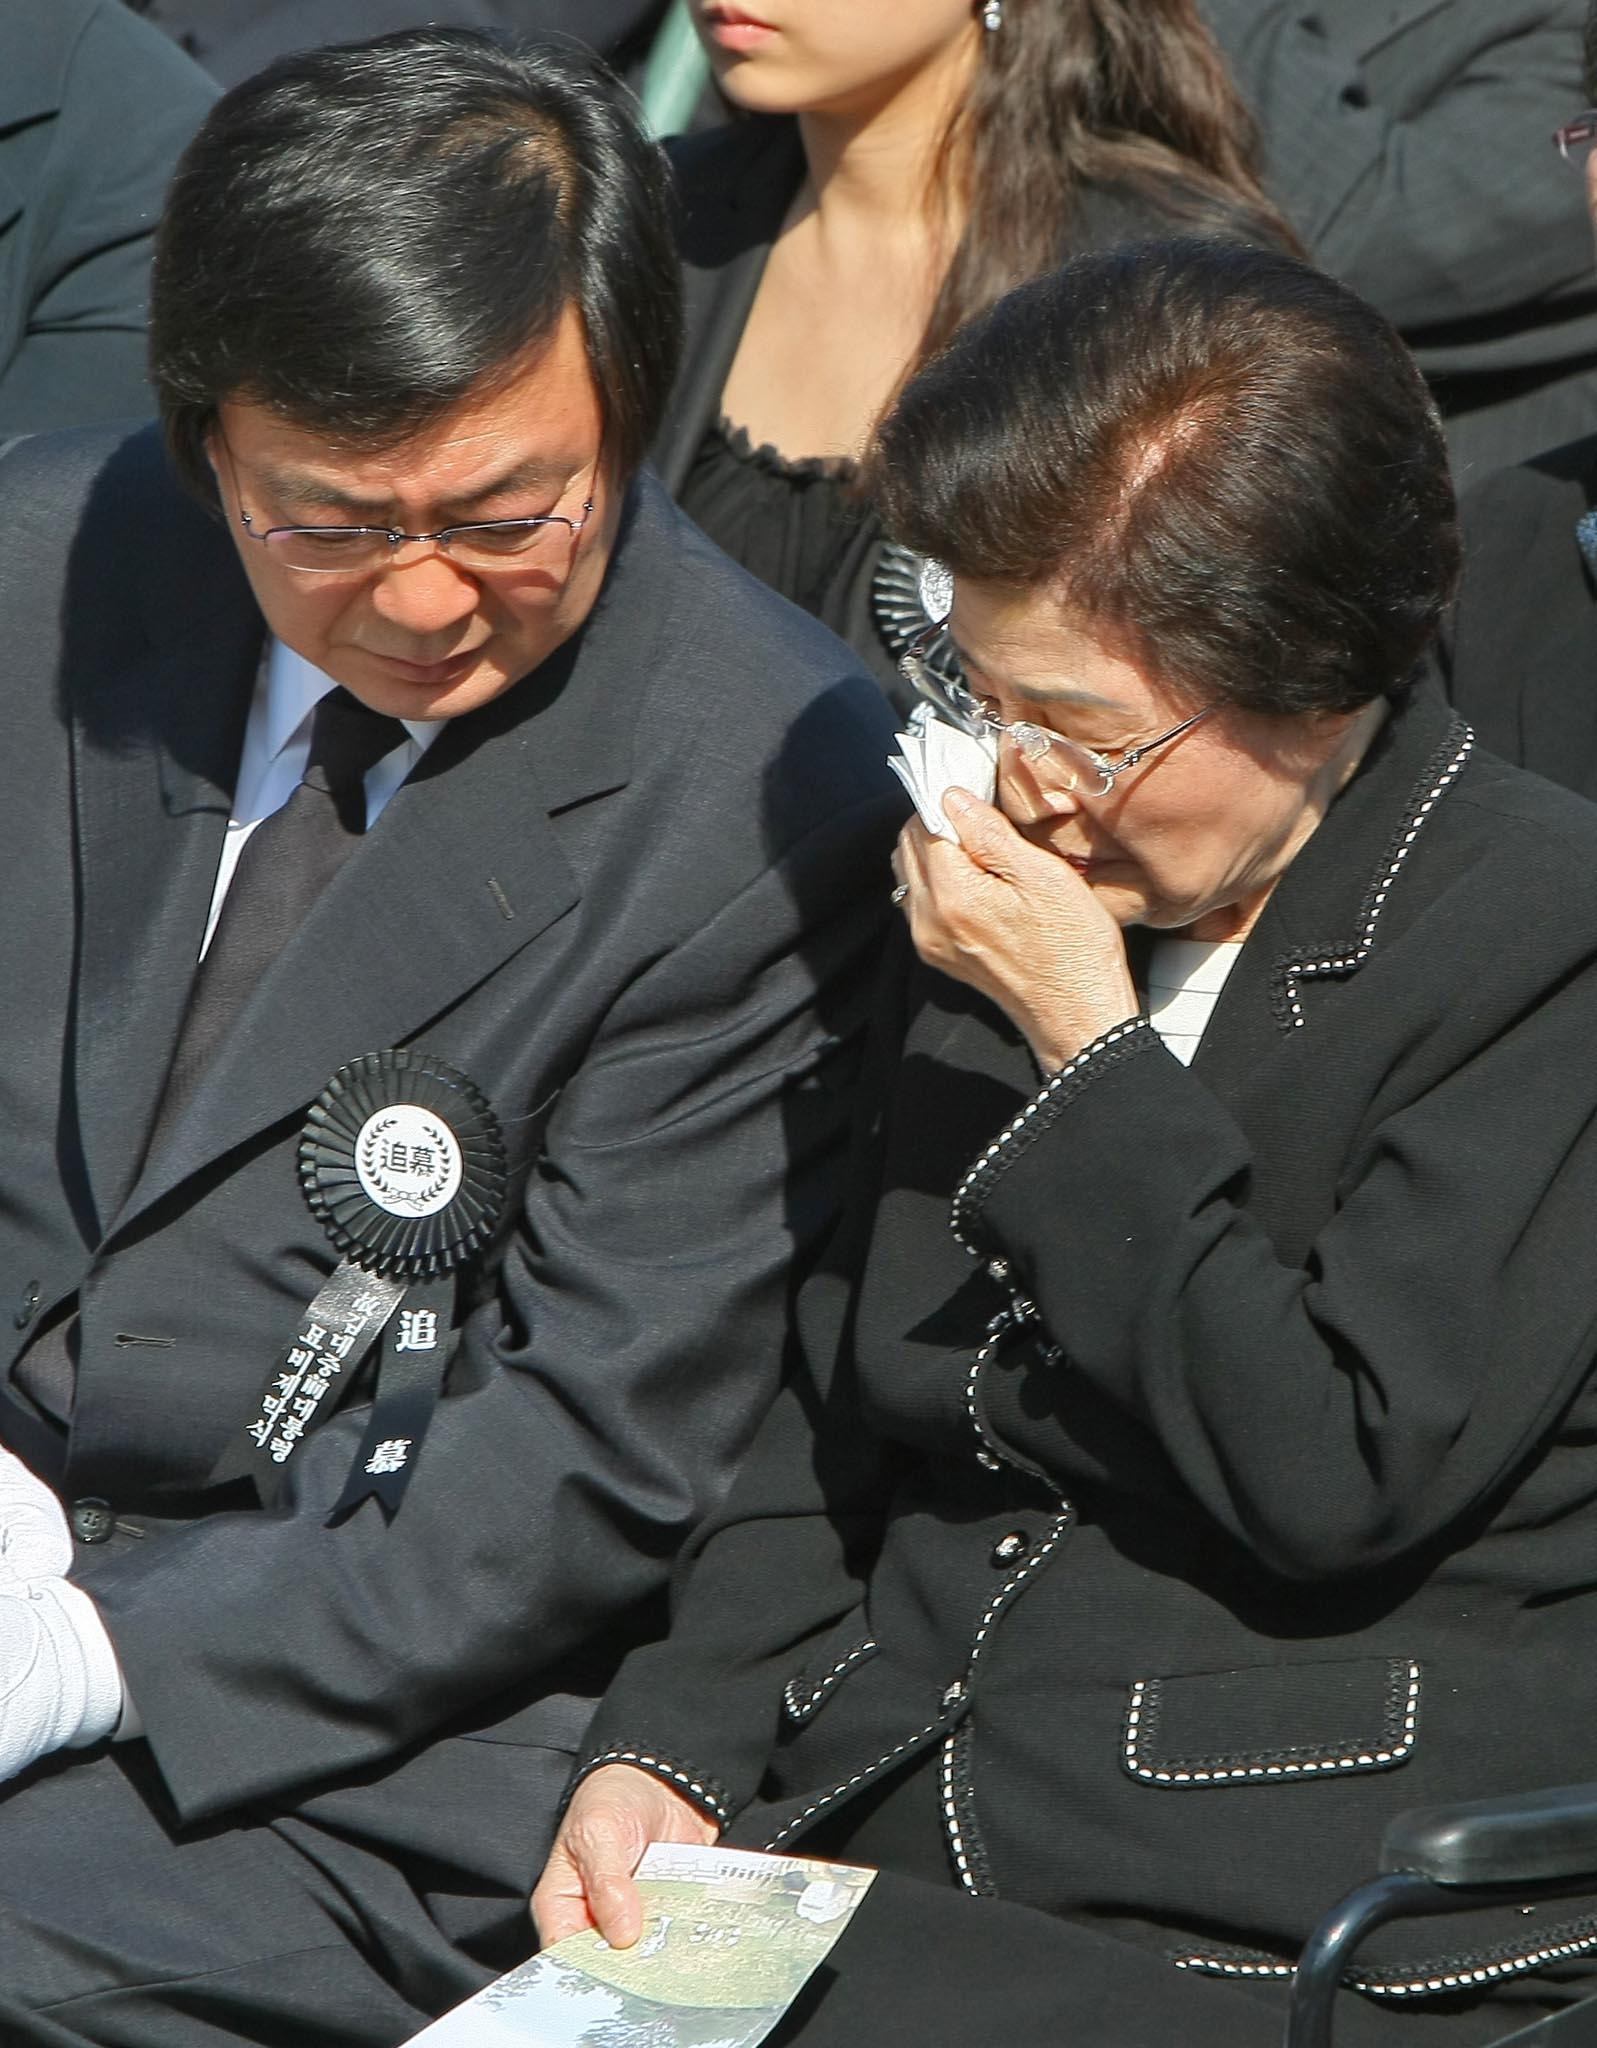 2009년 10월 6일 김홍업 전 의원이 서울 동작동 국립현충원에서 열린 故 김대중 전 대통령 묘비제막식에서 오열하는 이희호 여사를 위로하고 있다. 오종택 기자